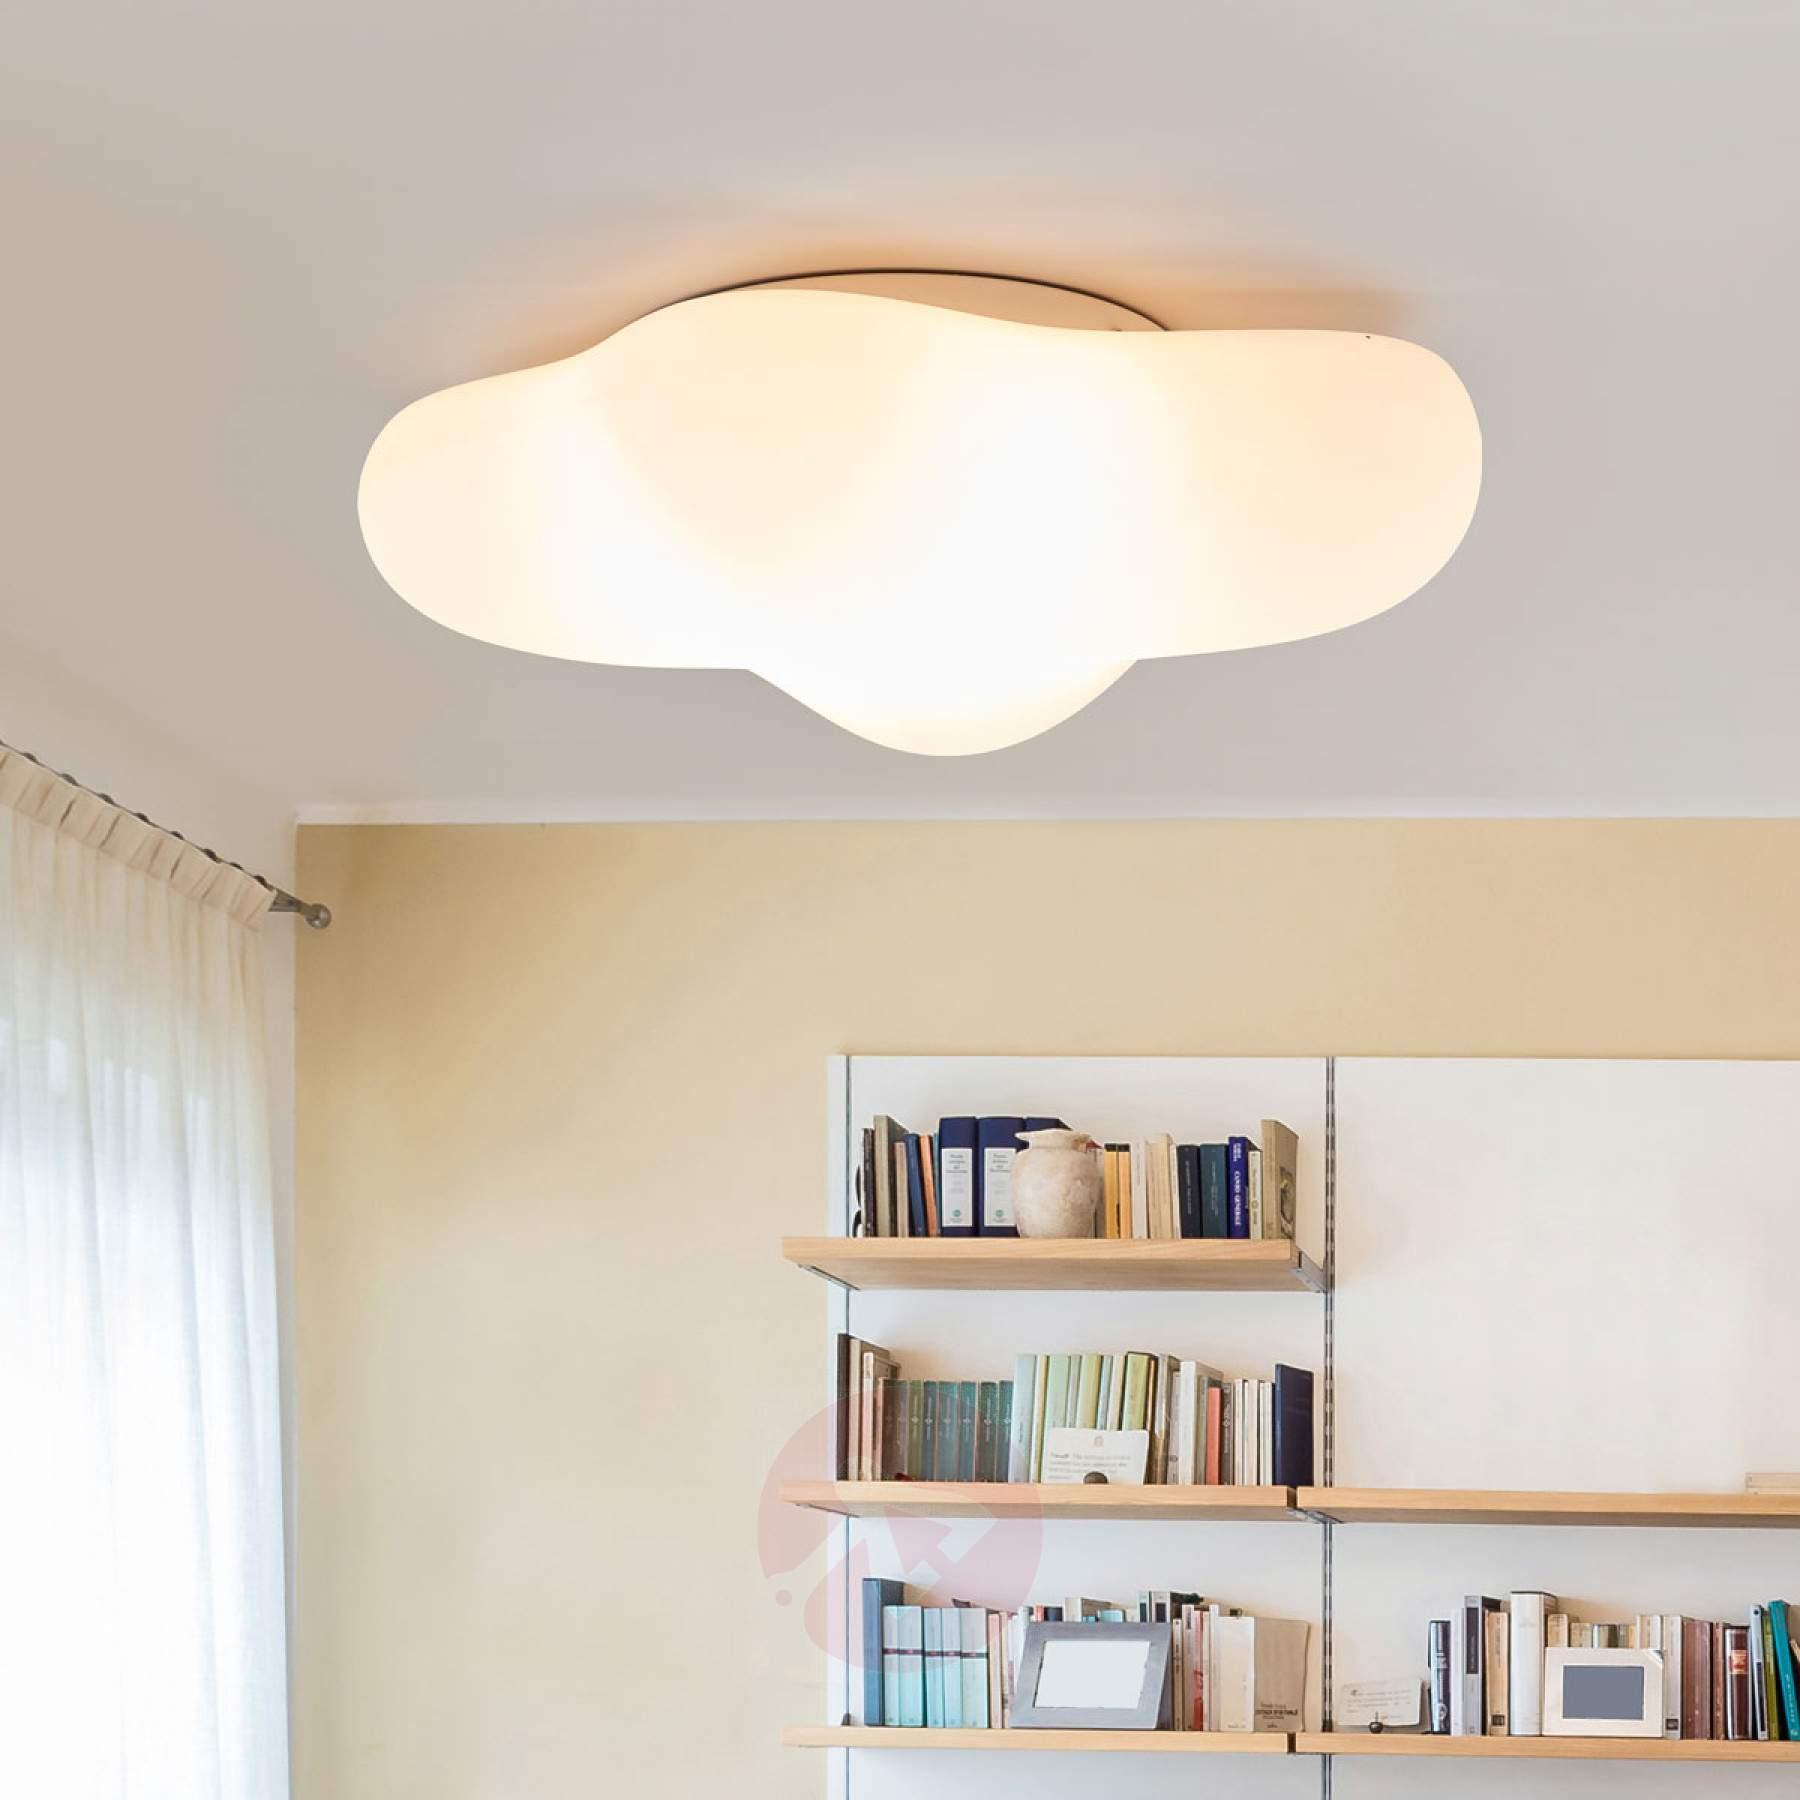 Ikea Deckenlampe Wolke